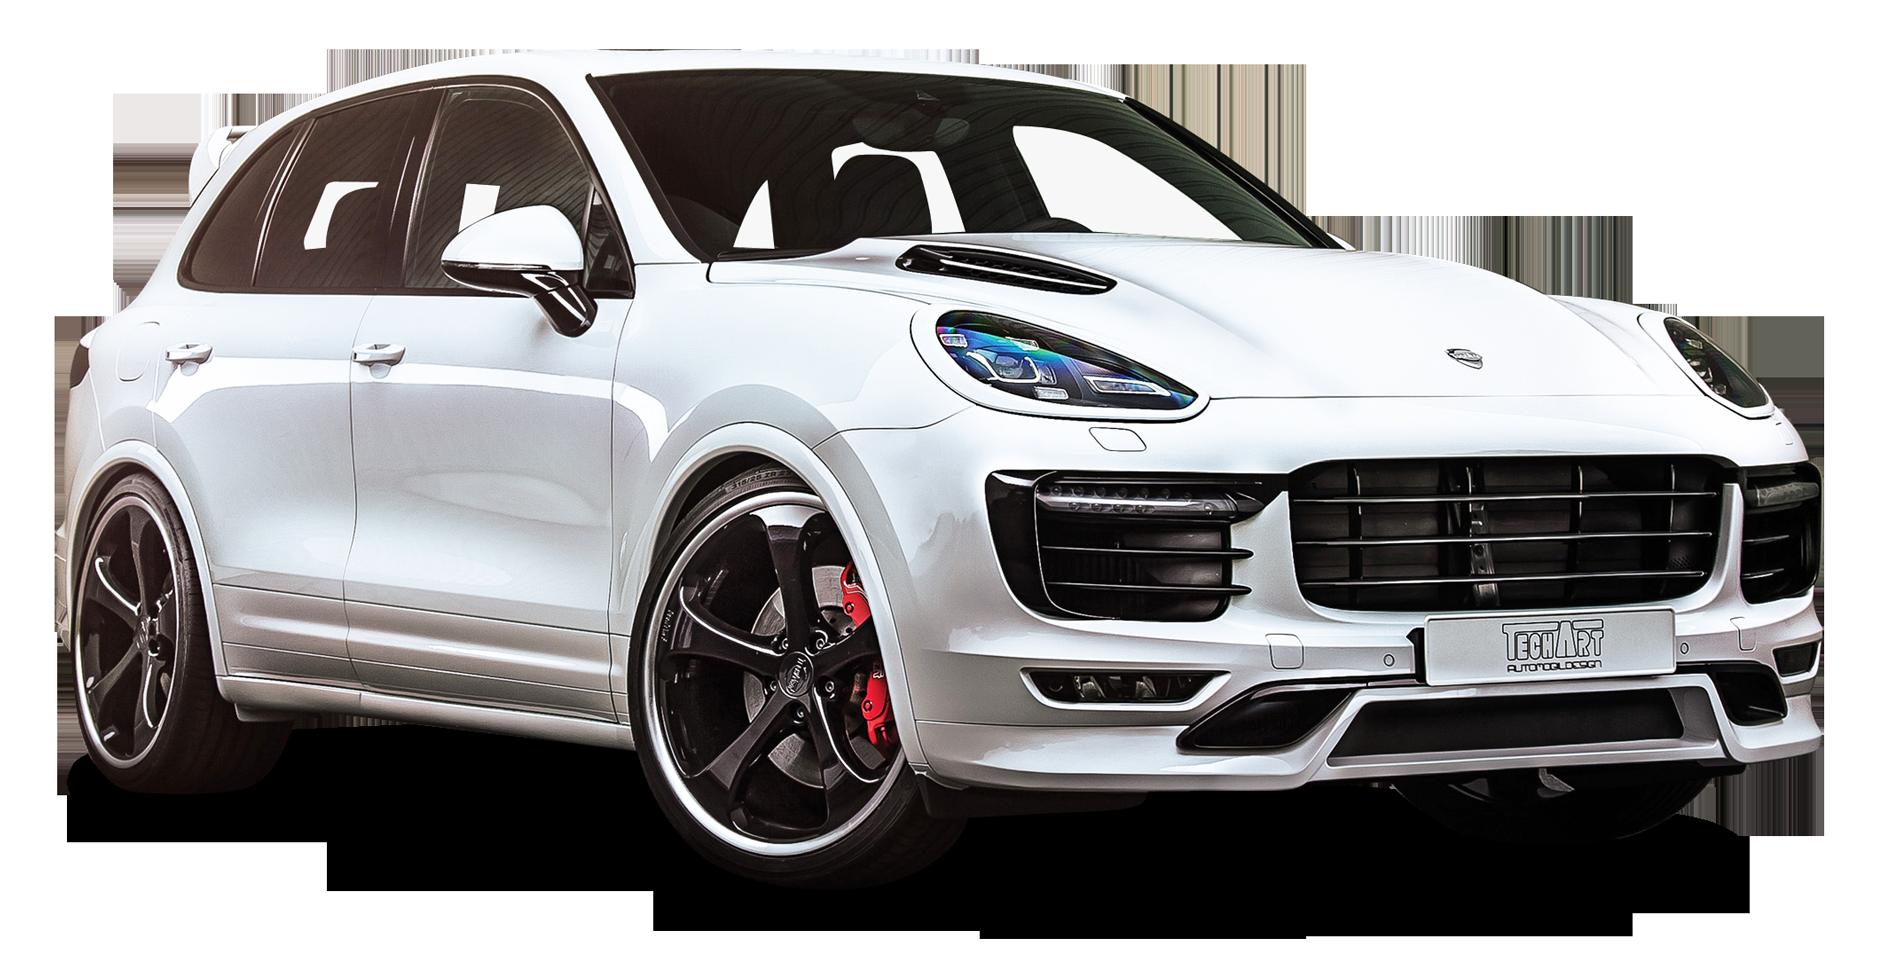 Techart Porsche Cayenne White Car Png Image Porsche Cayenne Porsche White Car